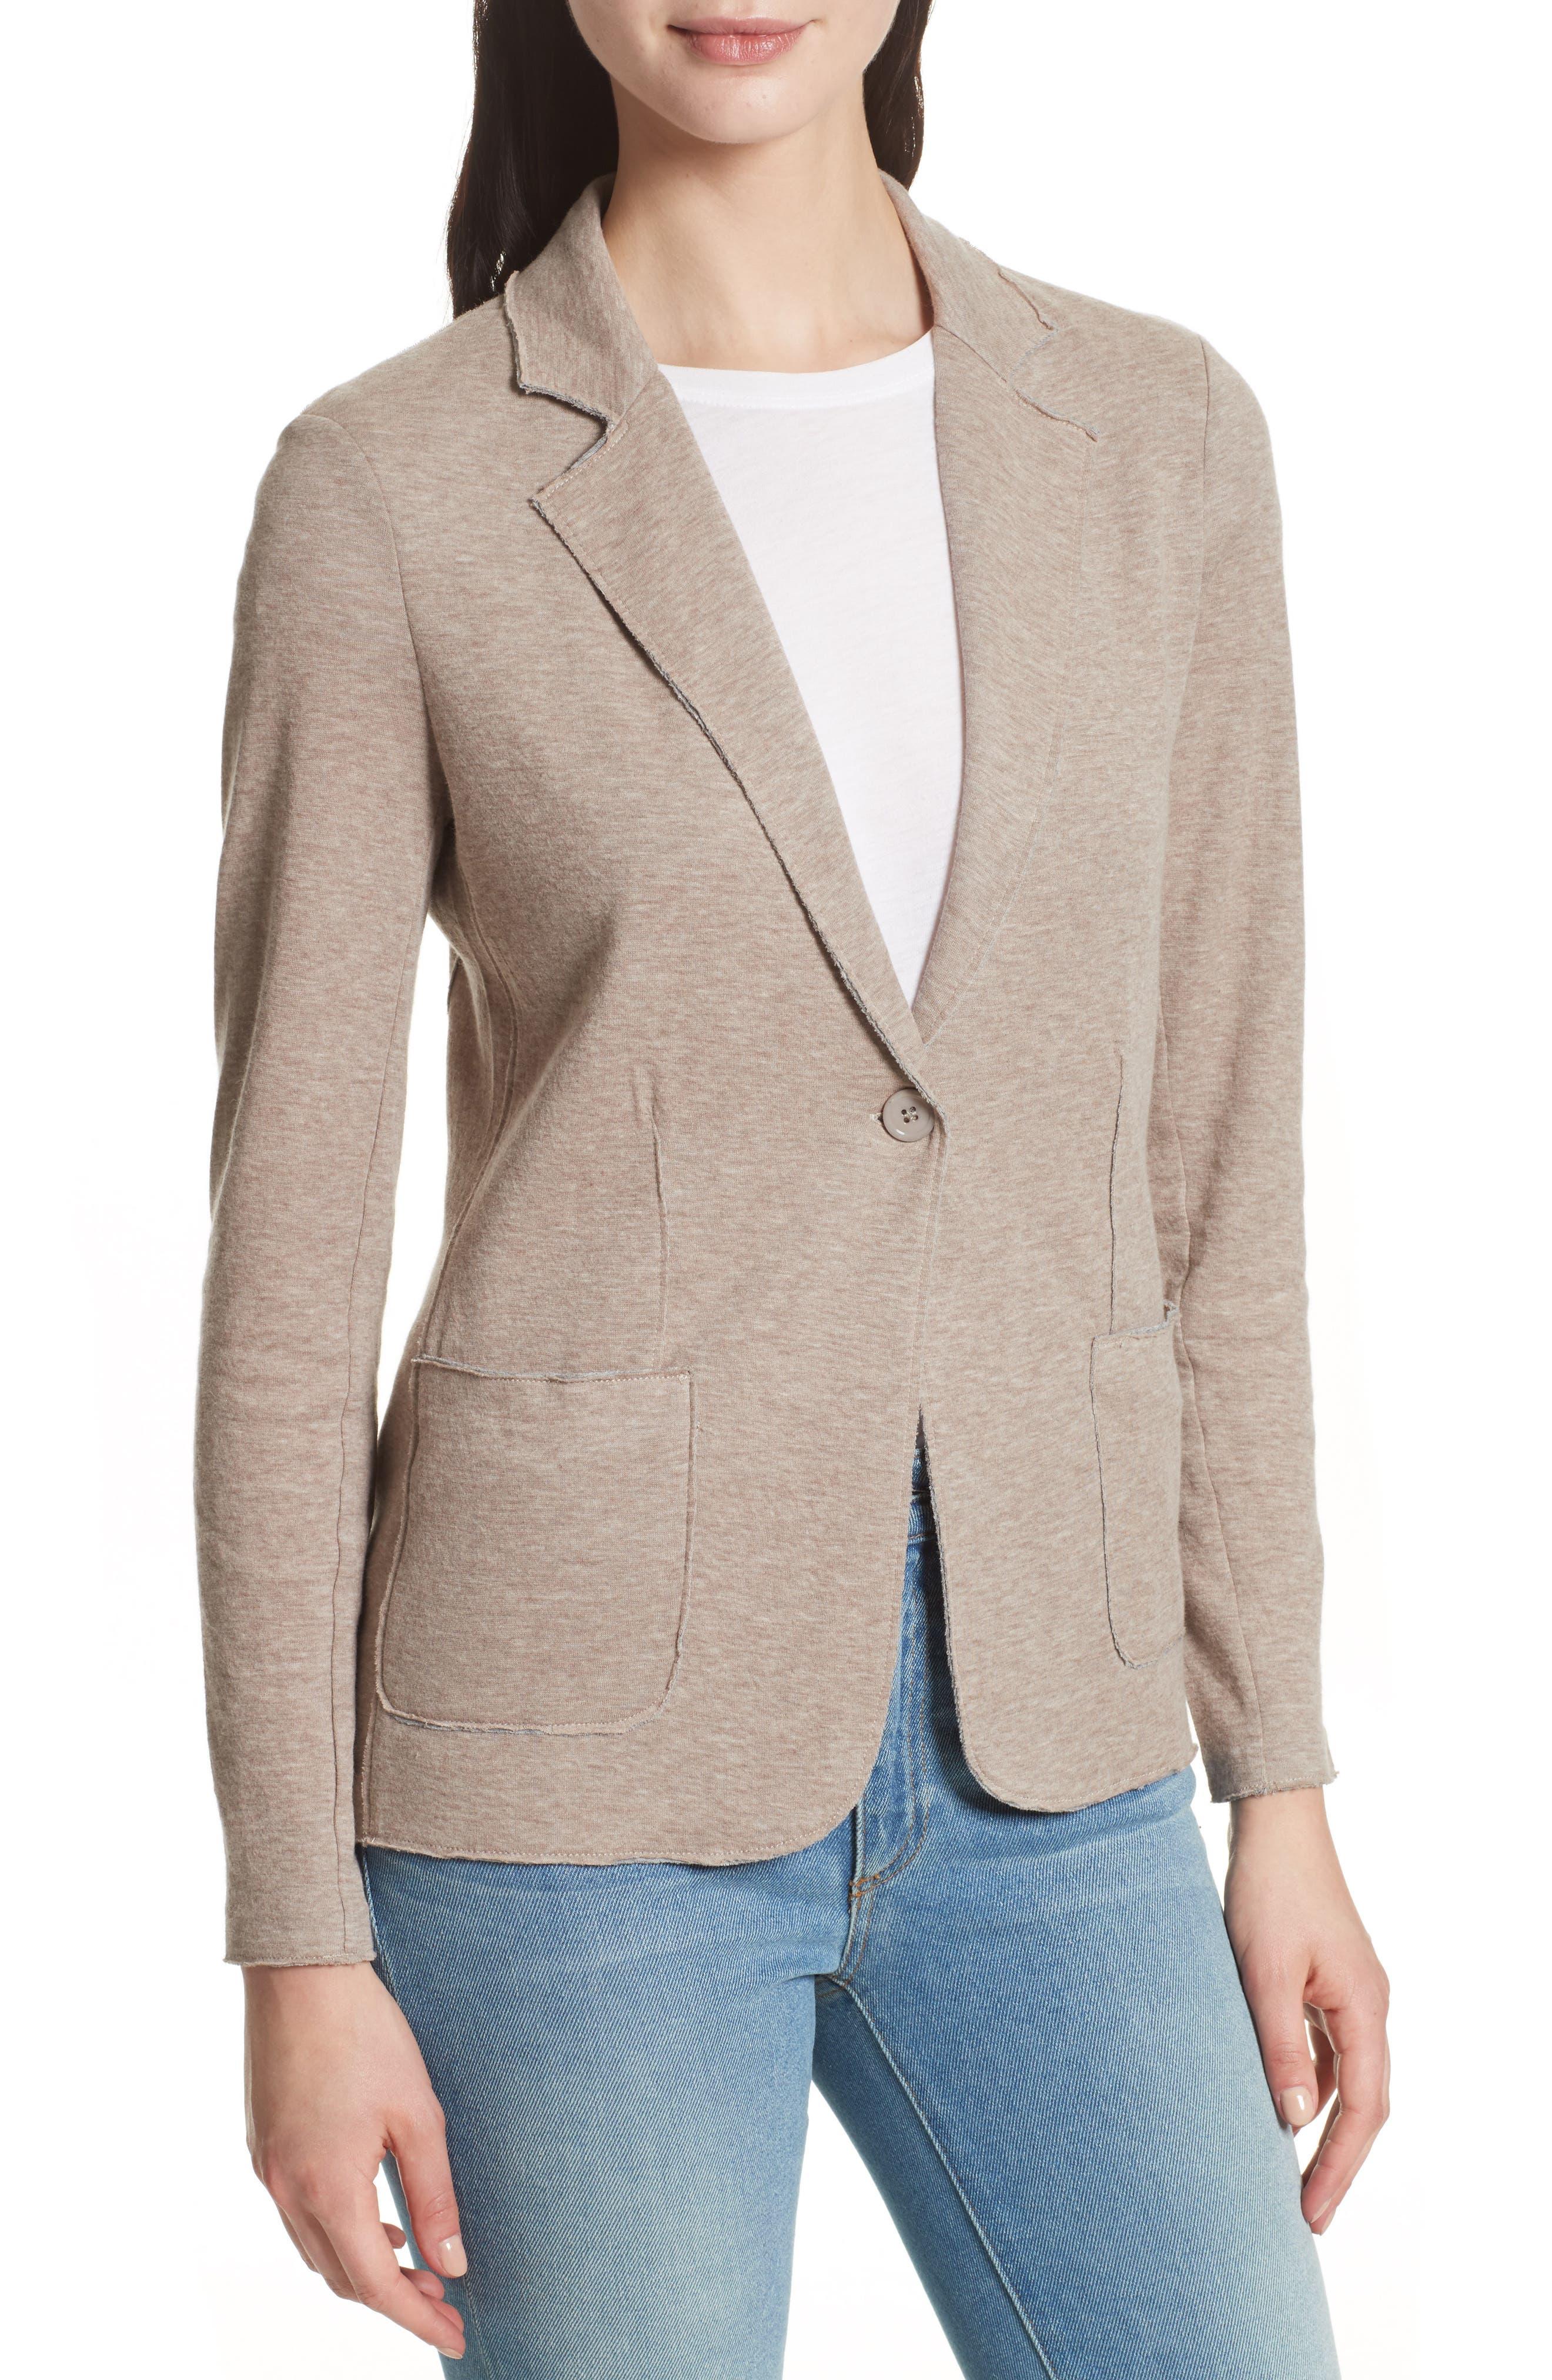 One-Button Cotton & Cashmere Blazer,                             Alternate thumbnail 4, color,                             Beige/ Grey